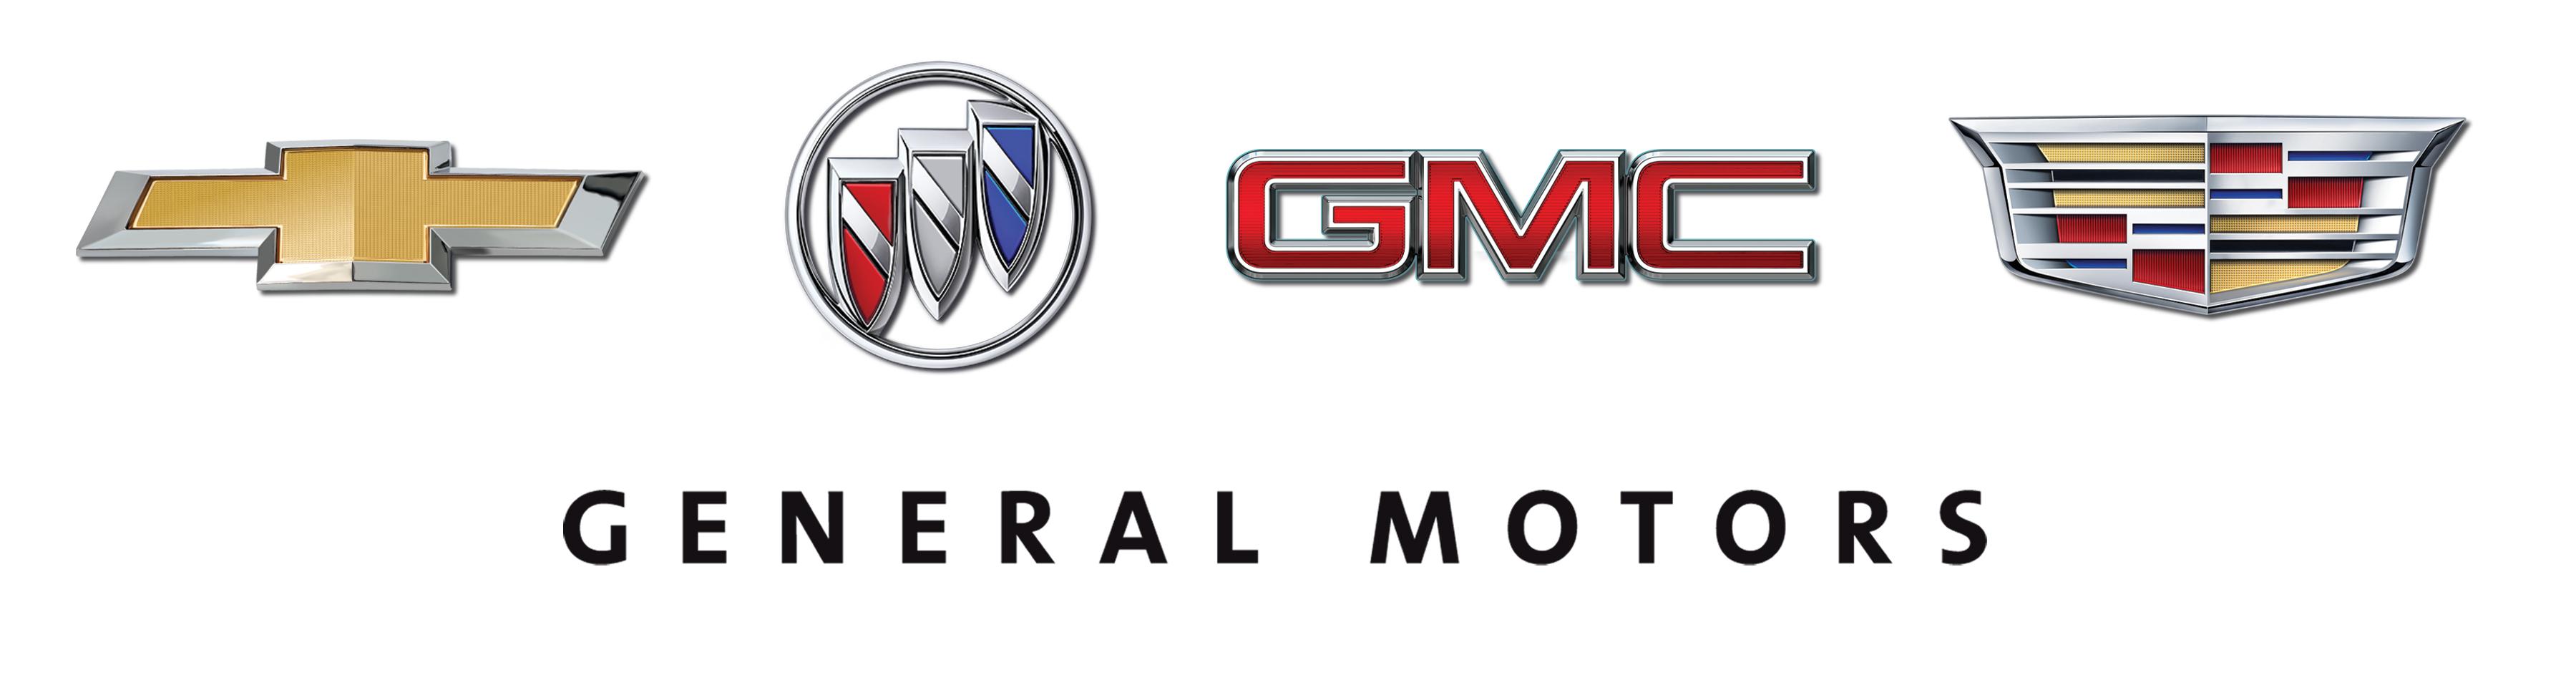 General Motors Logo 2015